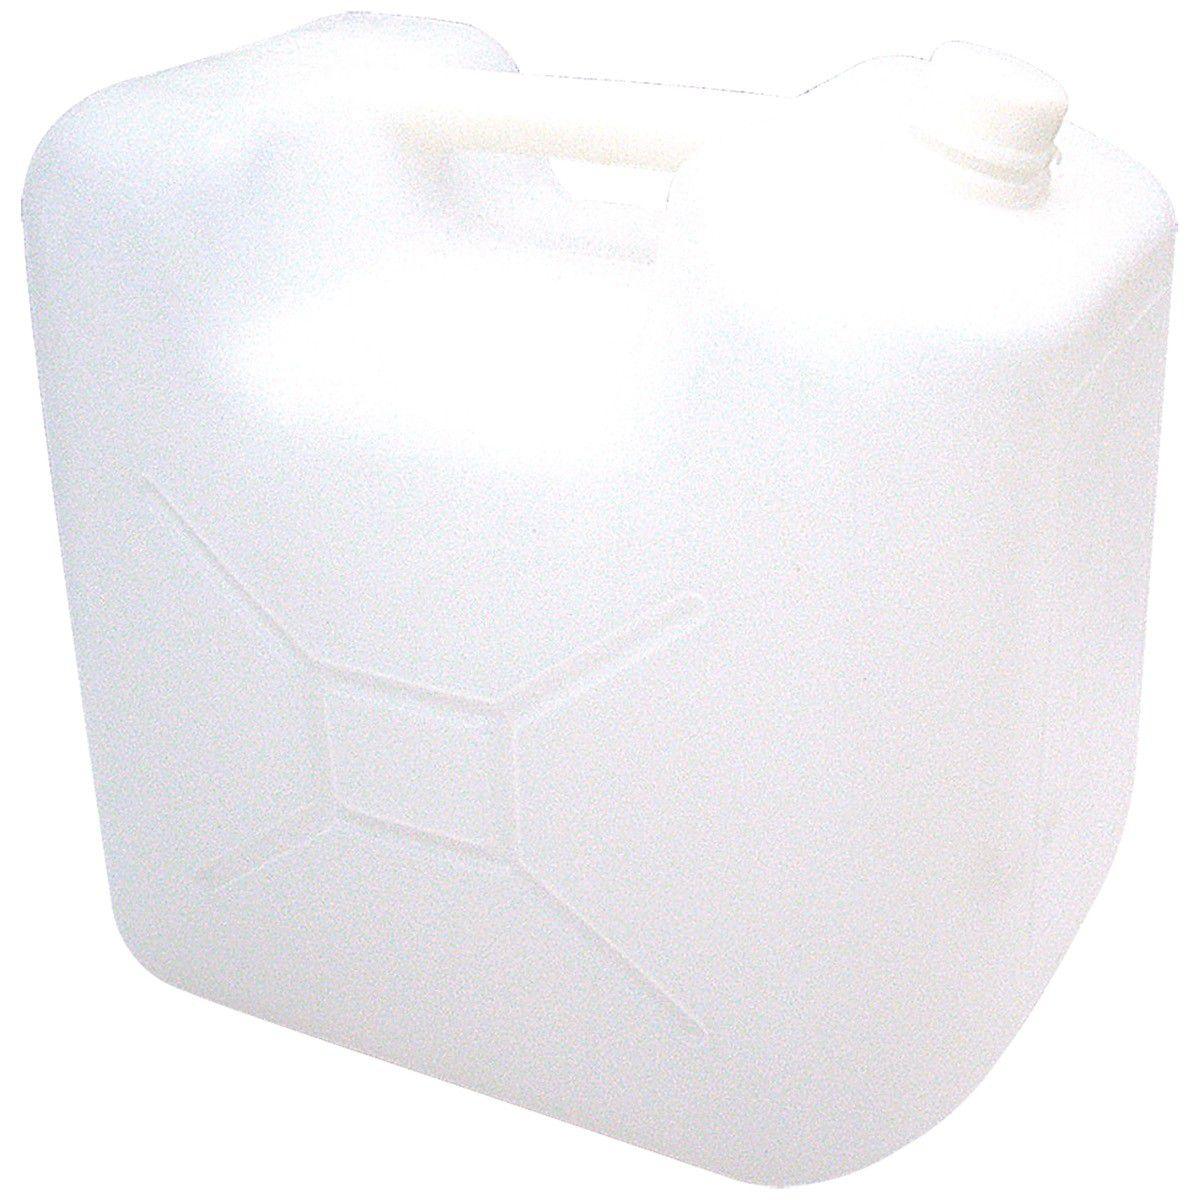 Galao Bombona Virgem 20L Branco c/ Lacre Plastikero